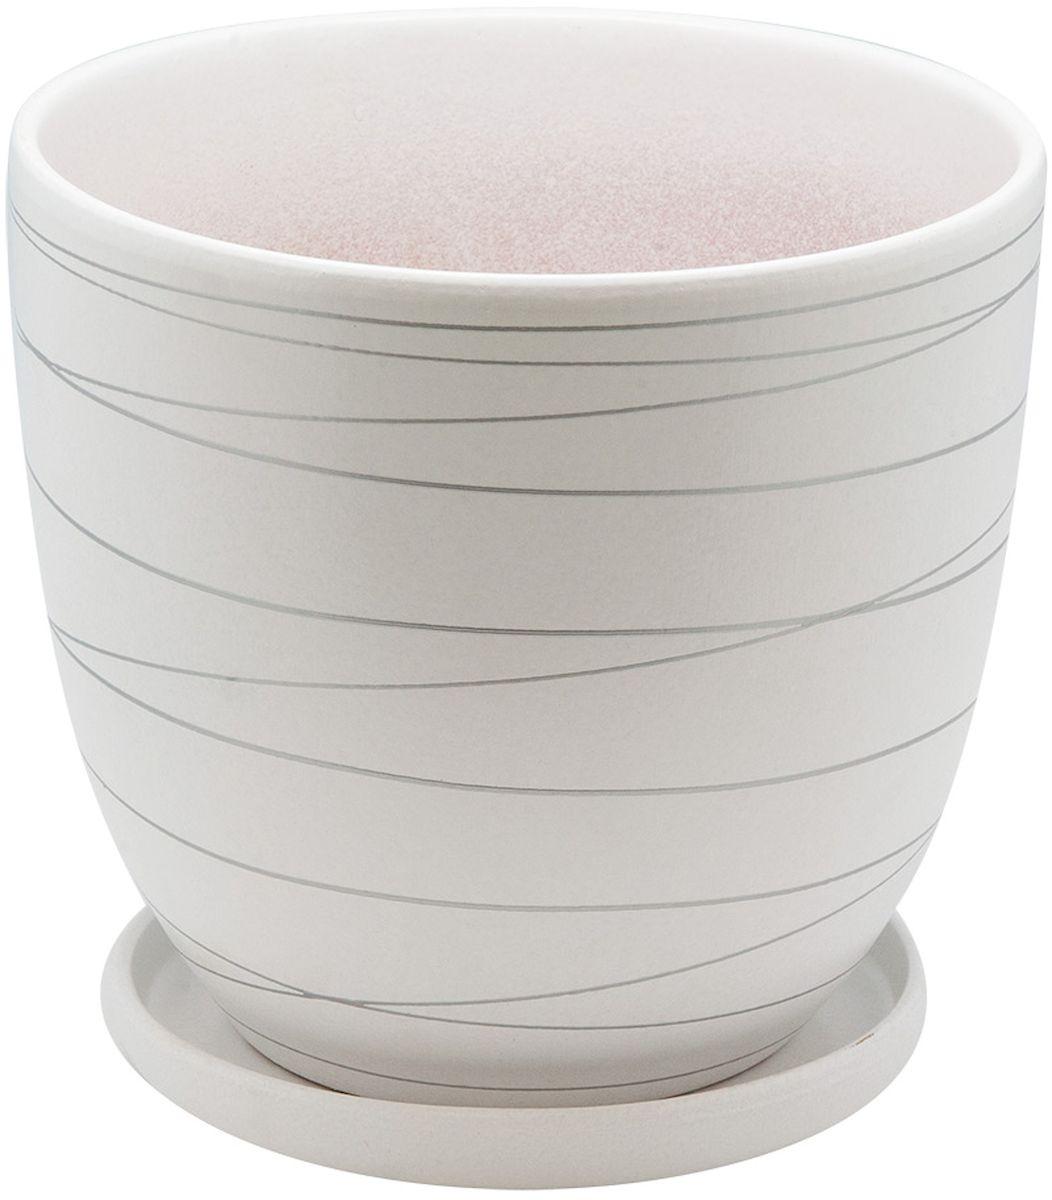 Горшок цветочный Engard, с поддоном, цвет: белый, серебристый, 4,7 л531-105Керамический горшок - это идеальное решение для выращивания комнатных растений и создания изысканности в интерьере. Керамический горшок сделан из высококачественной глины в классической форме и оригинальном дизайне.